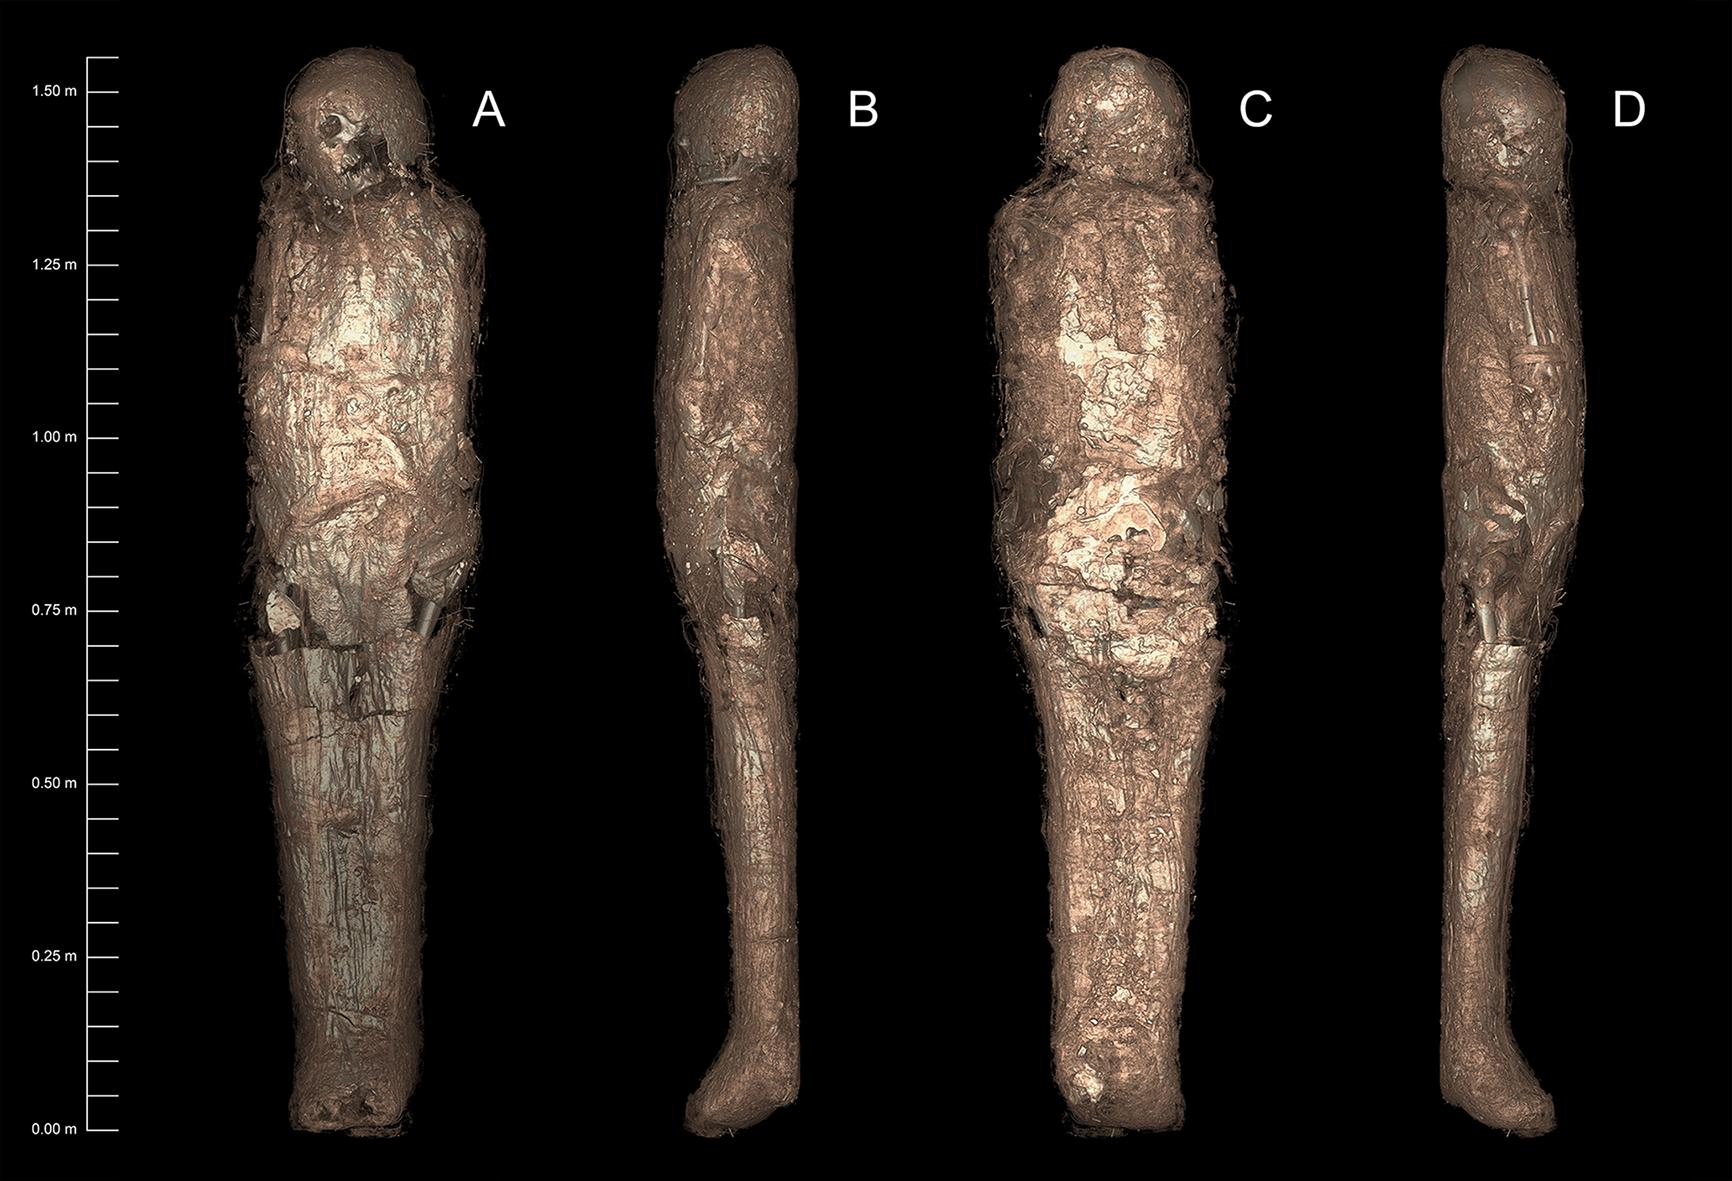 Une ancienne momie retrouvée ensevelie dans un étrange cocon jamais vu par les archéologues (diaporama et vidéo) By Jack35 3